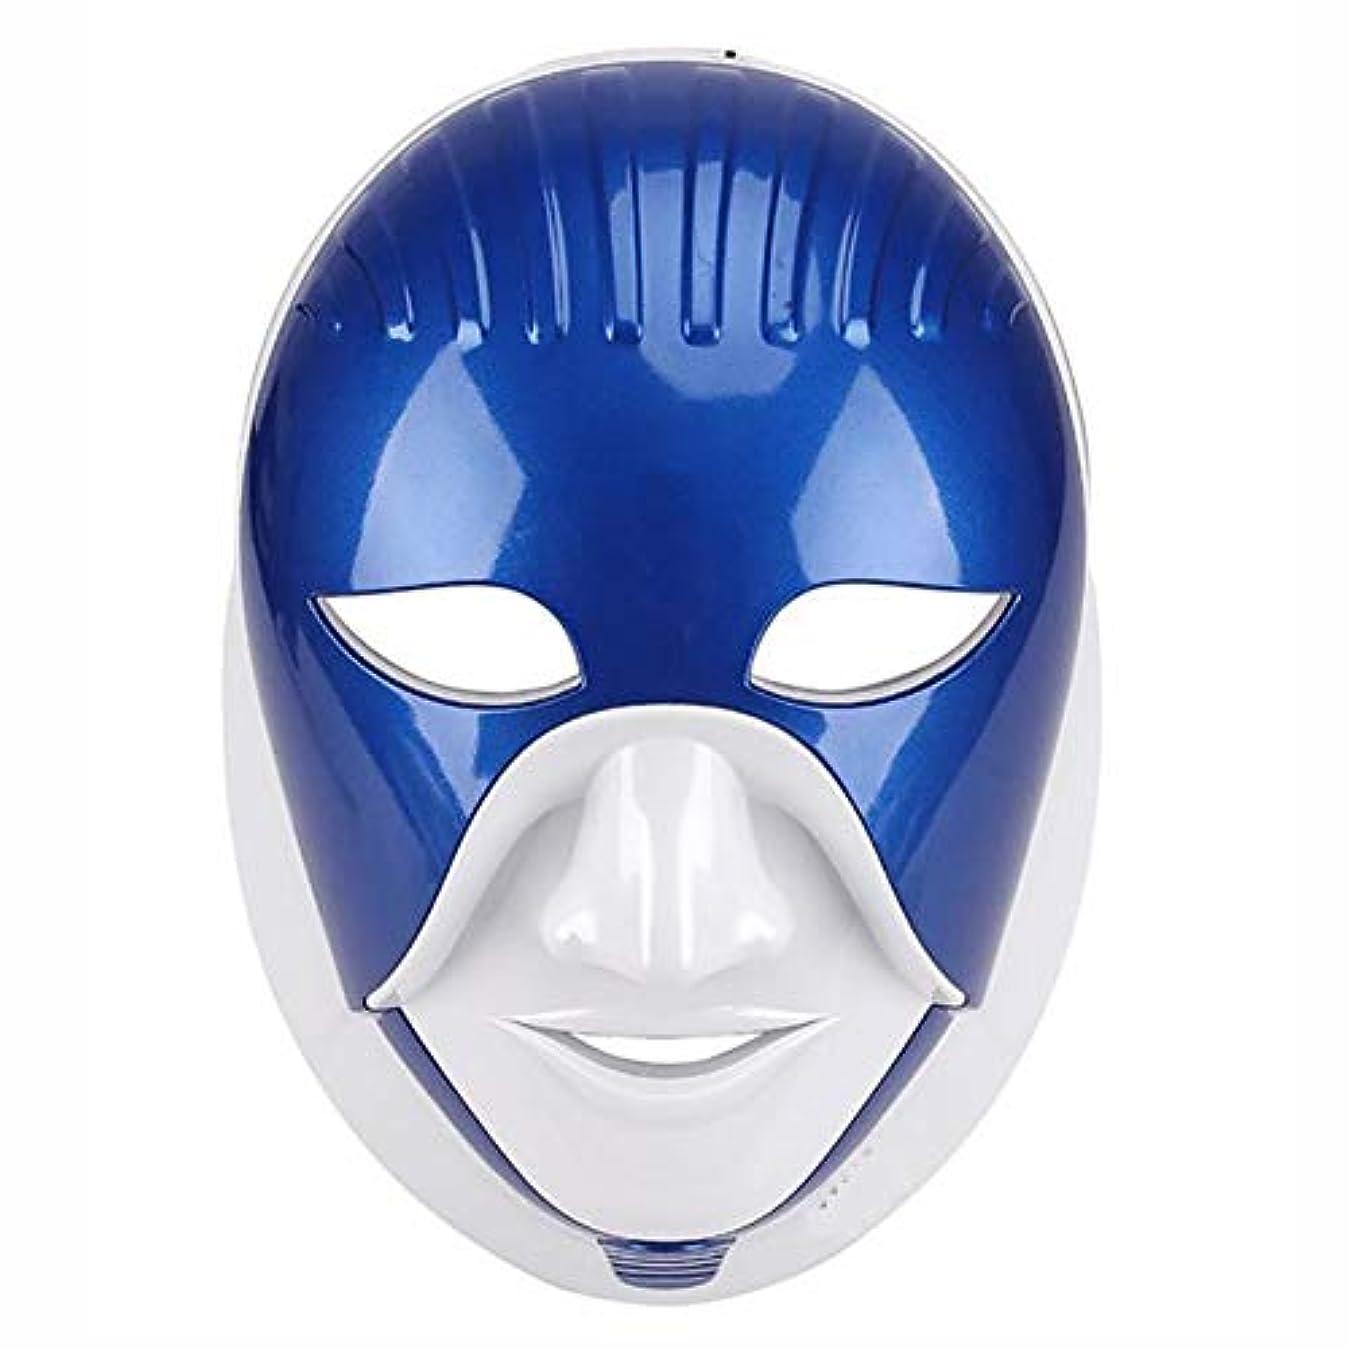 イディオムガス創造LEDフェイスマスク治療マスク充電式7色Ledフェイシャルマスクスキンケアの顔の首のケア、CE承認(アルミボックス),ブルー